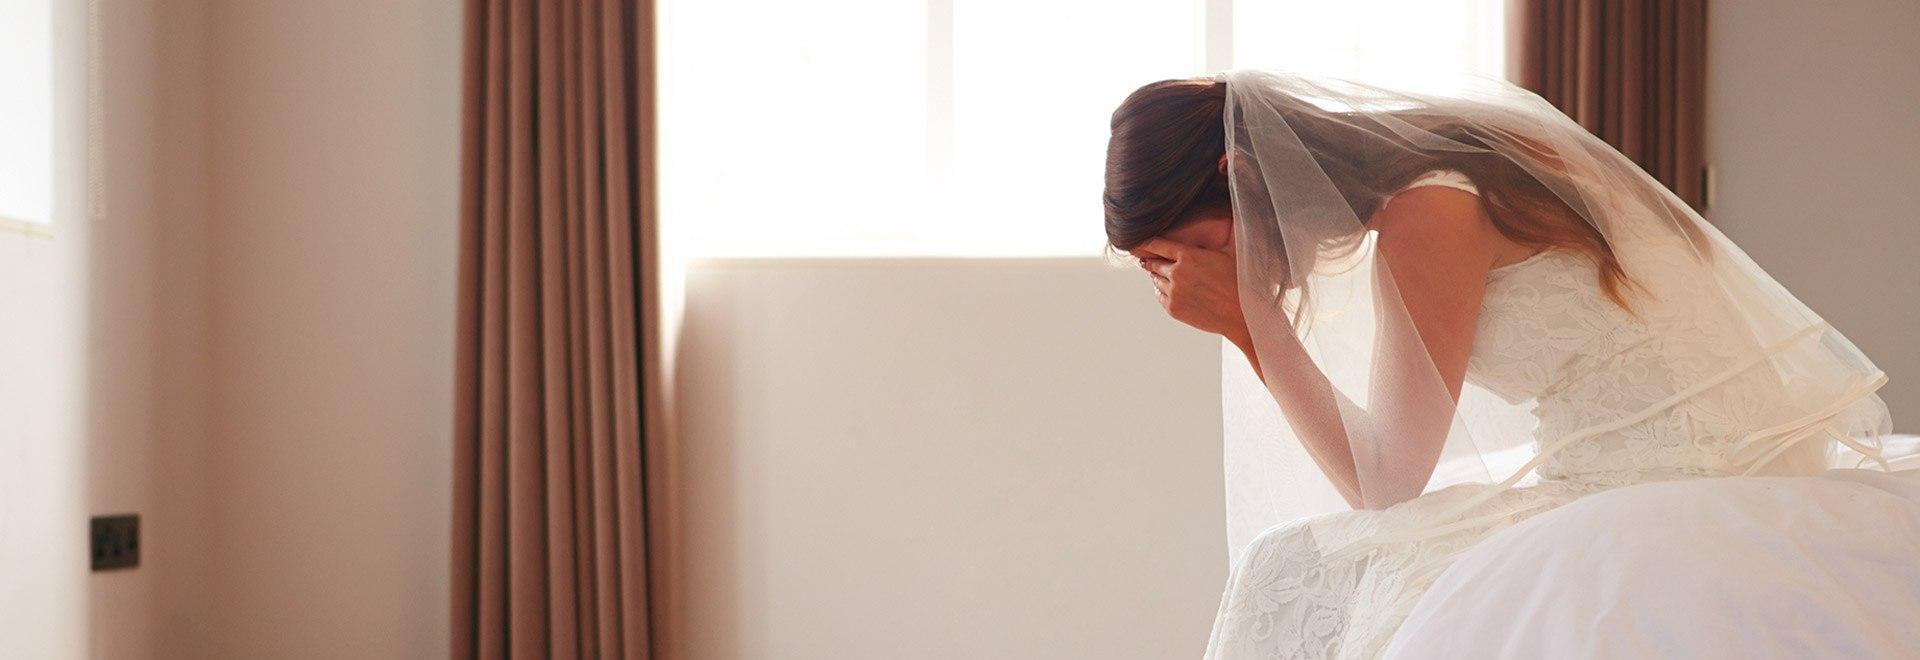 Fidanzamento con imprevisto